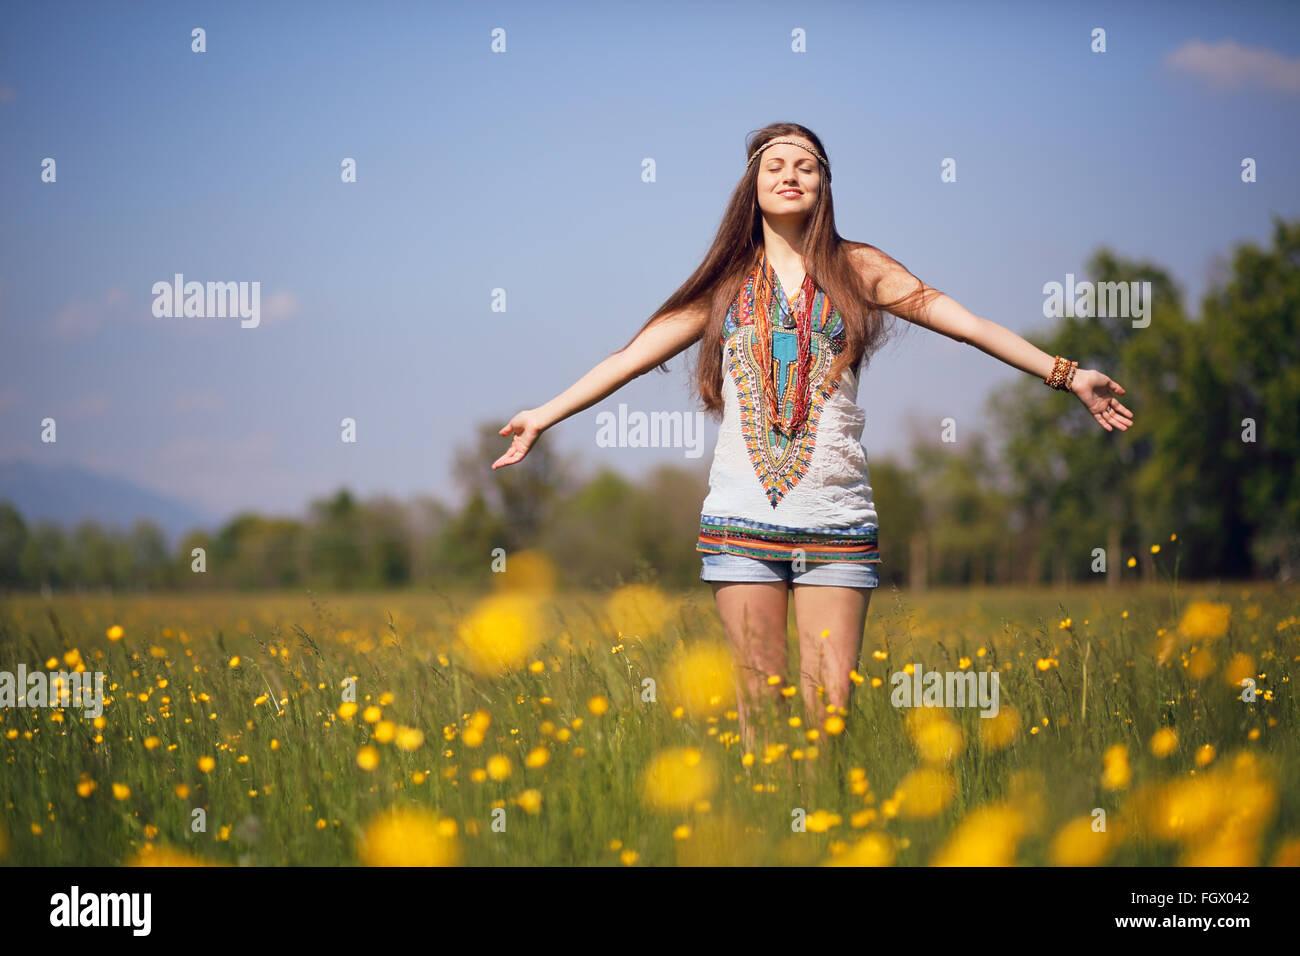 Livre e sorridente hippie no verão meadow. Vintage Efeito de fotografia Imagens de Stock